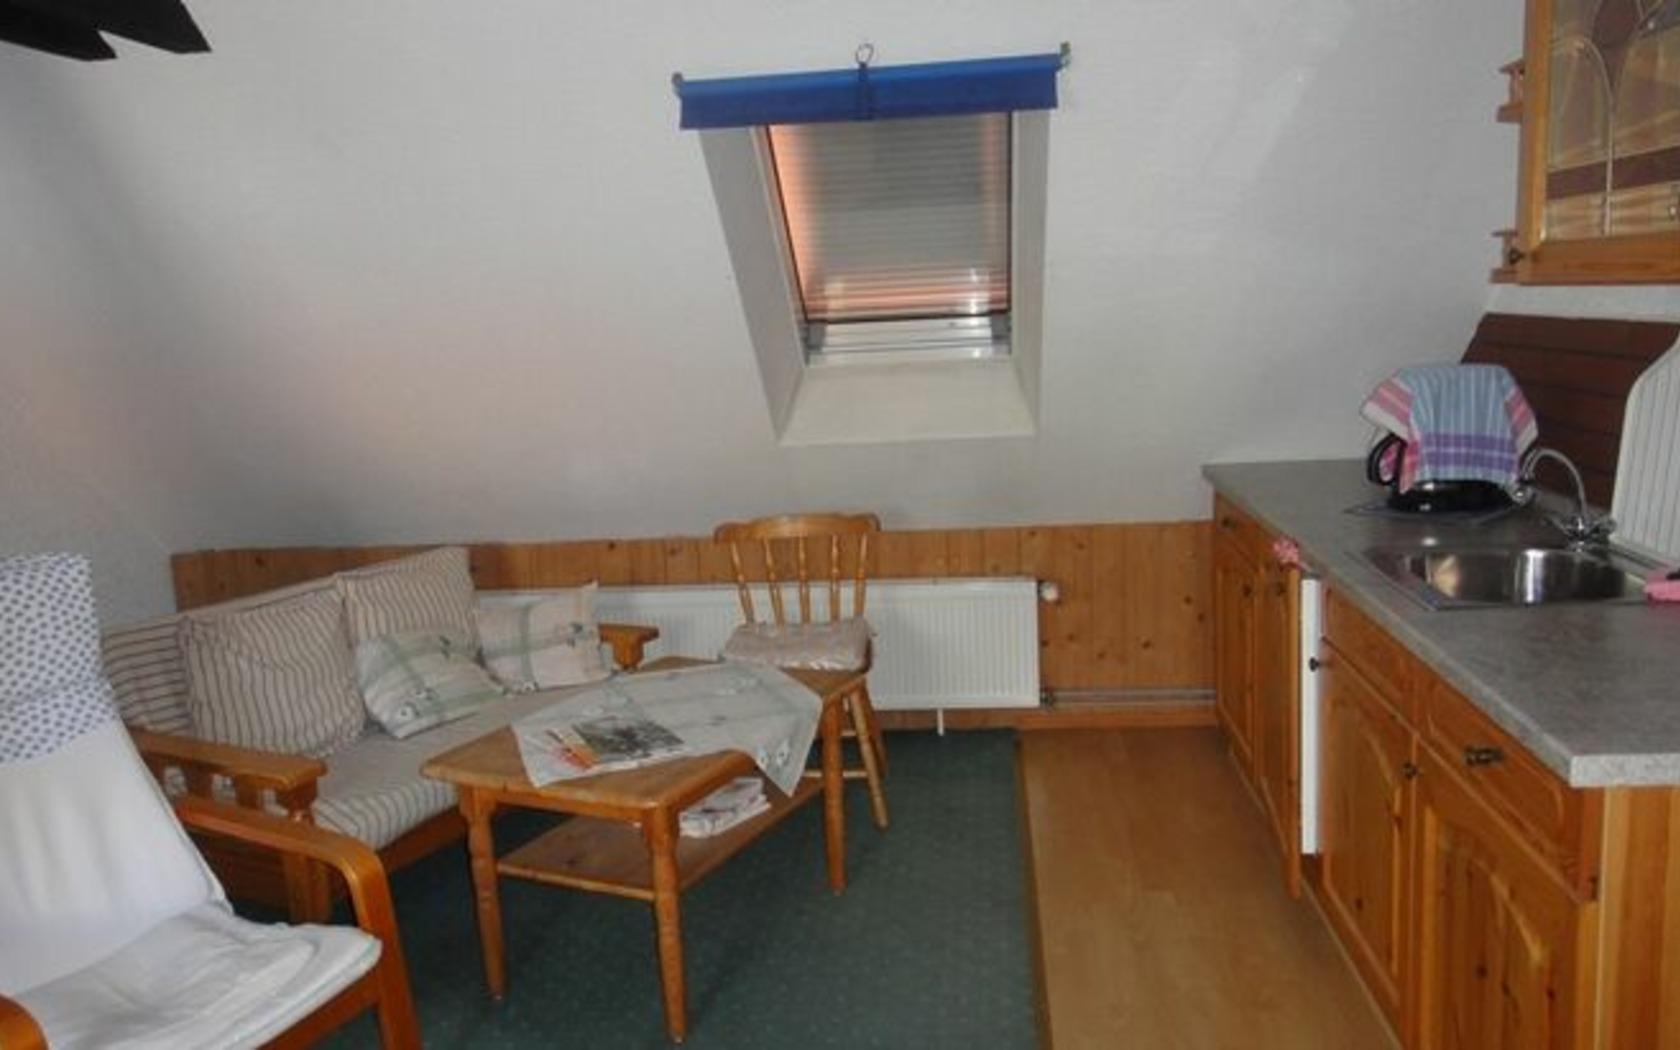 Pension Siewert, Wohn-Küchenbereich, Foto: MuT